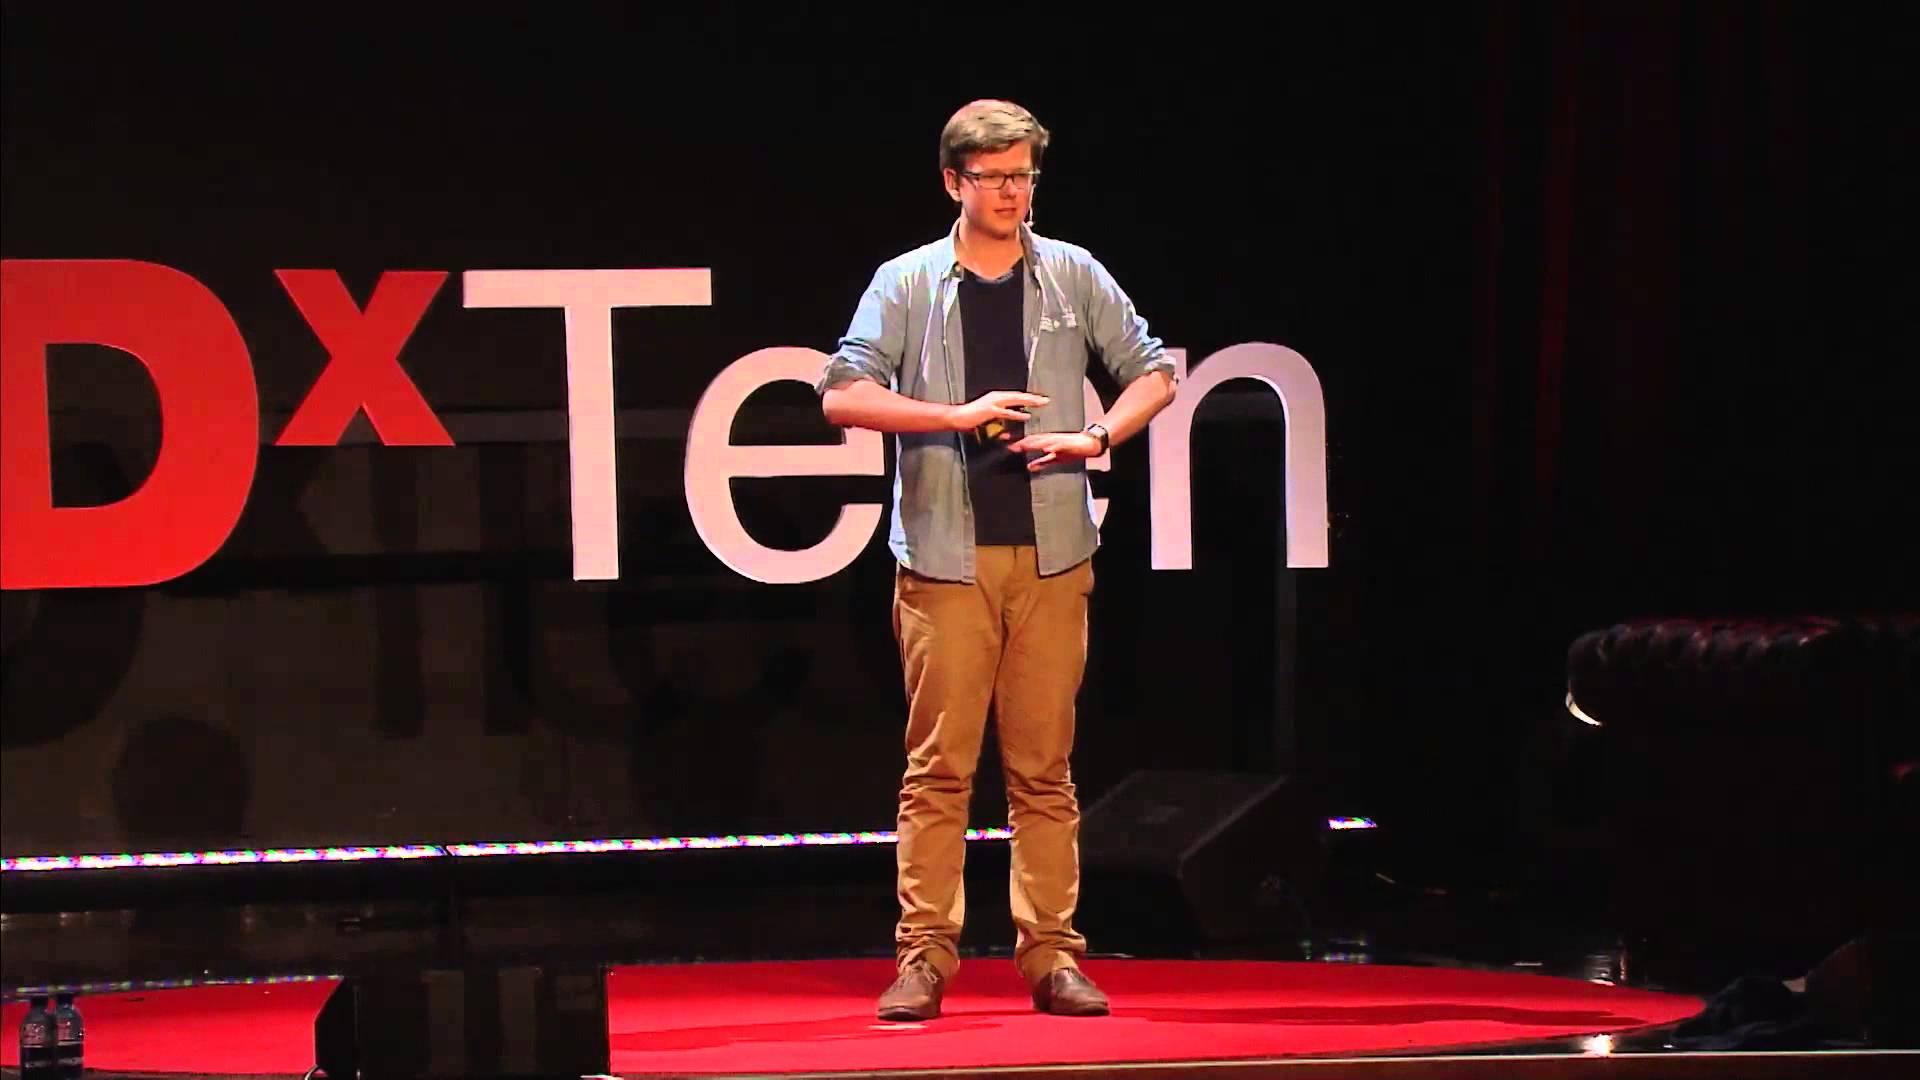 Erik-Finman قصة الشاب المراهق الذي أصبح مليونيرا بفضل الإستثمار في بيتكوين